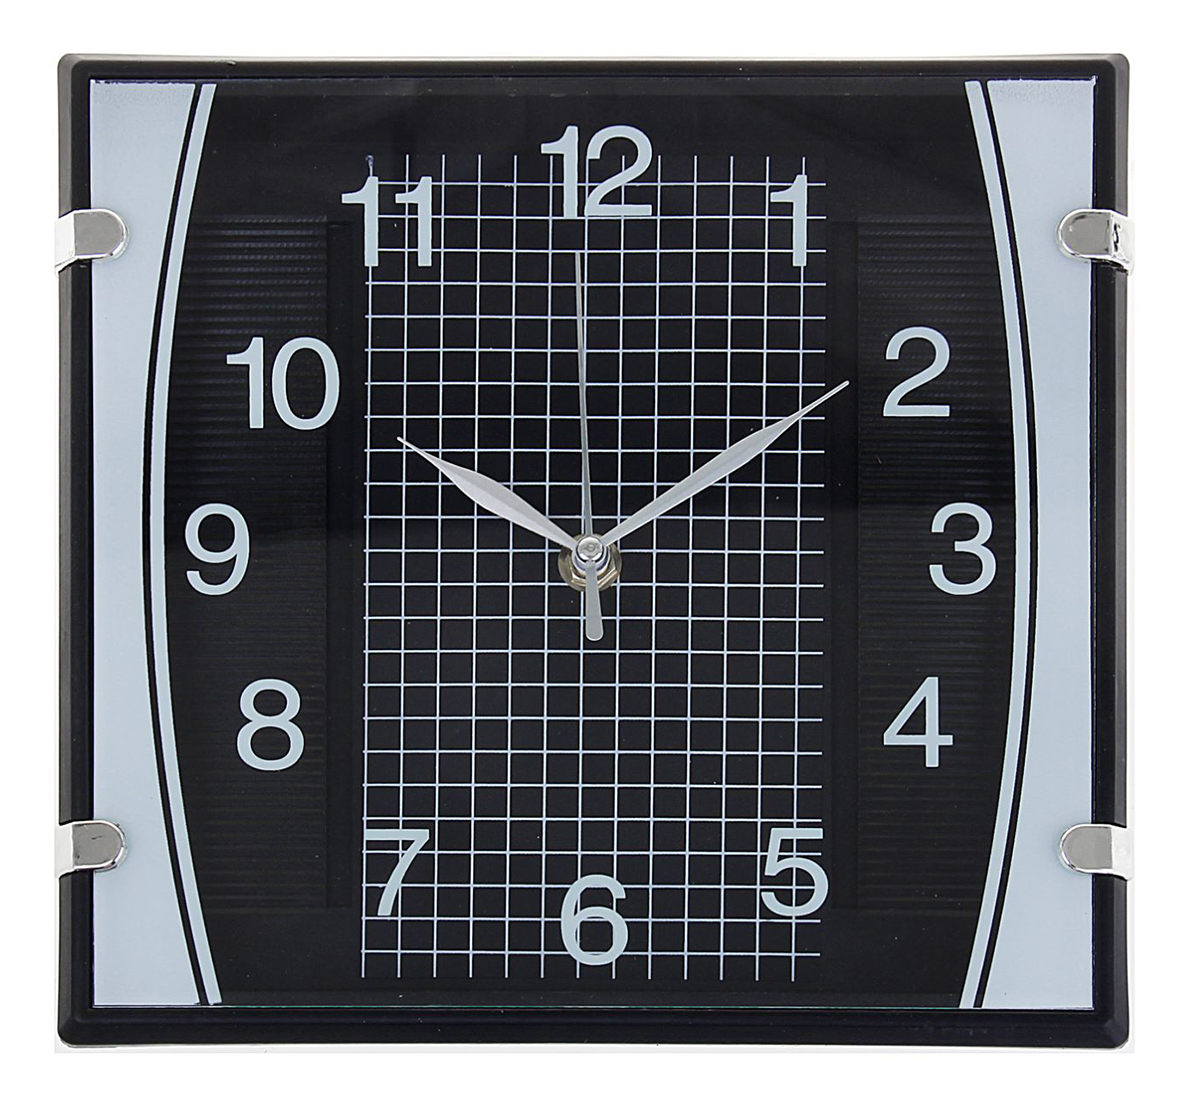 Часы настенные Black. Клетка, 23 х 23 см. 11950591195059Каждому хозяину периодически приходит мысль обновить свою квартиру, сделать ремонт, перестановку или кардинально поменять внешний вид каждой комнаты. Часы настенные квадратные Серия Black. Checkered, черные, циферблат клетка на черном фоне — привлекательная деталь, которая поможет воплотить вашу интерьерную идею, создать неповторимую атмосферу в вашем доме. Окружите себя приятными мелочами, пусть они радуют глаз и дарят гармонию.Часы настенные серия Black, квадрат, черные, циферблат клетка на черном фоне 23х23см 1195059